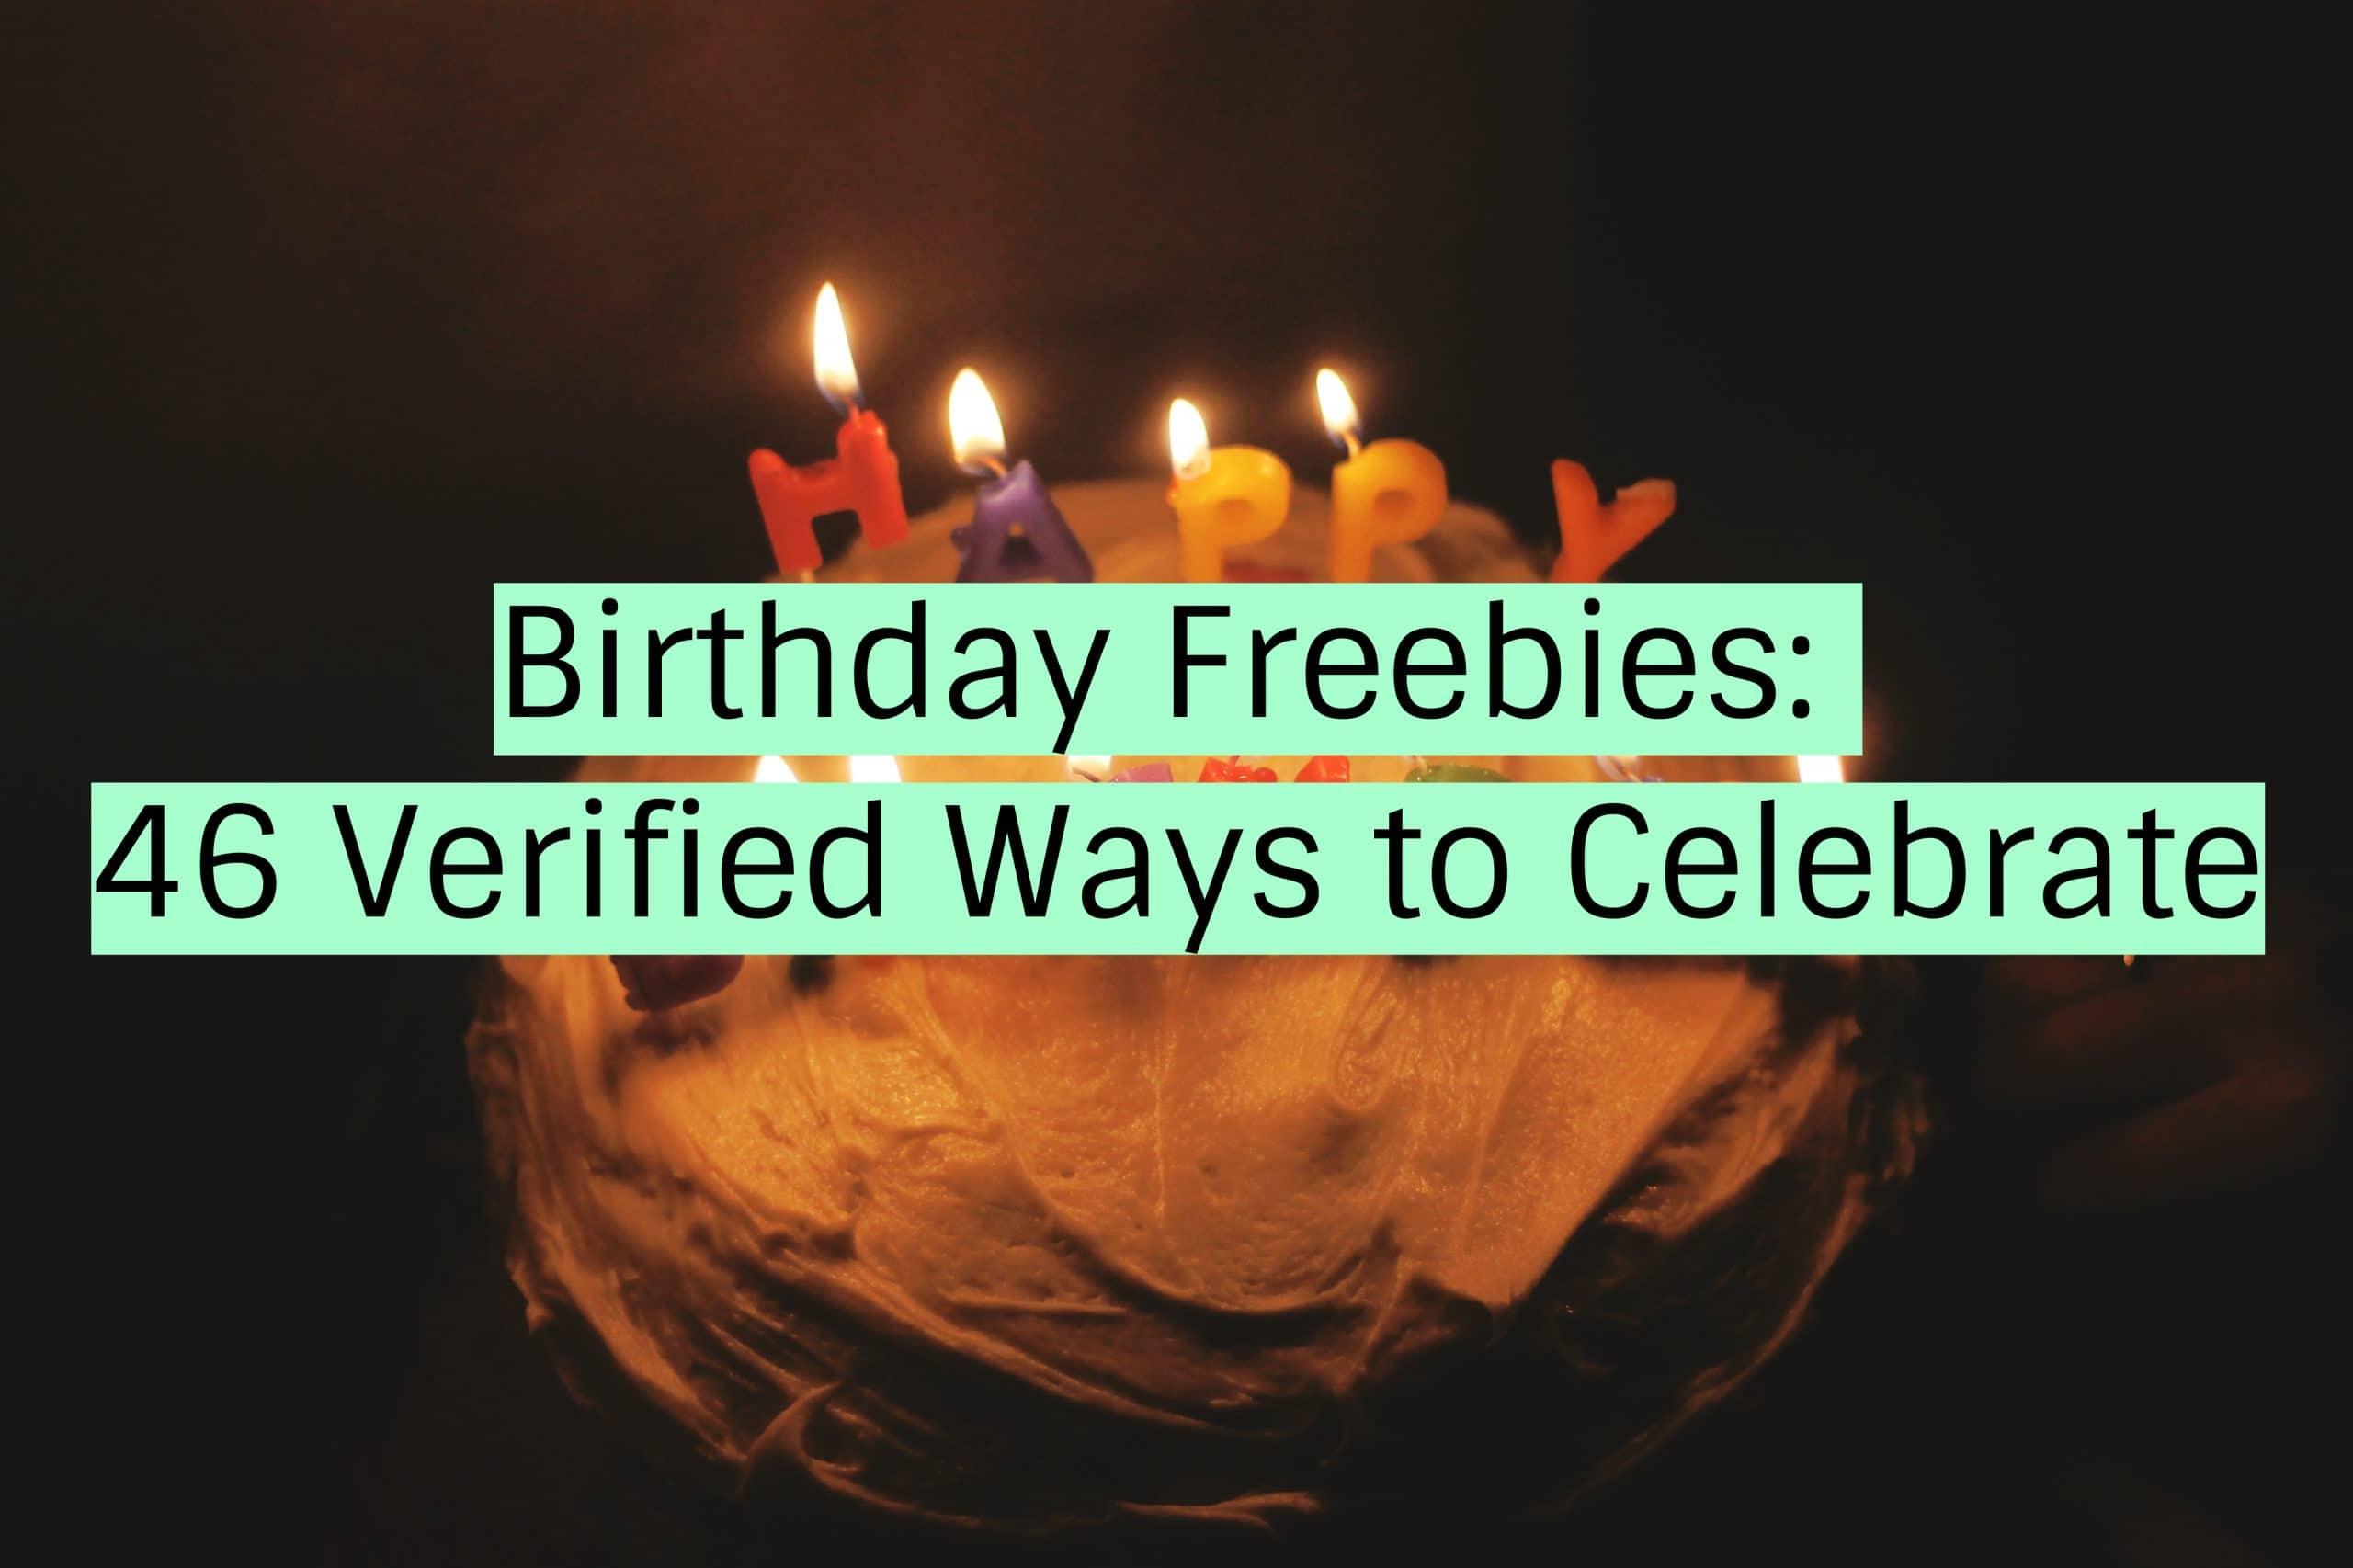 Birthday Freebies 46 Verified Ways to Celebrate